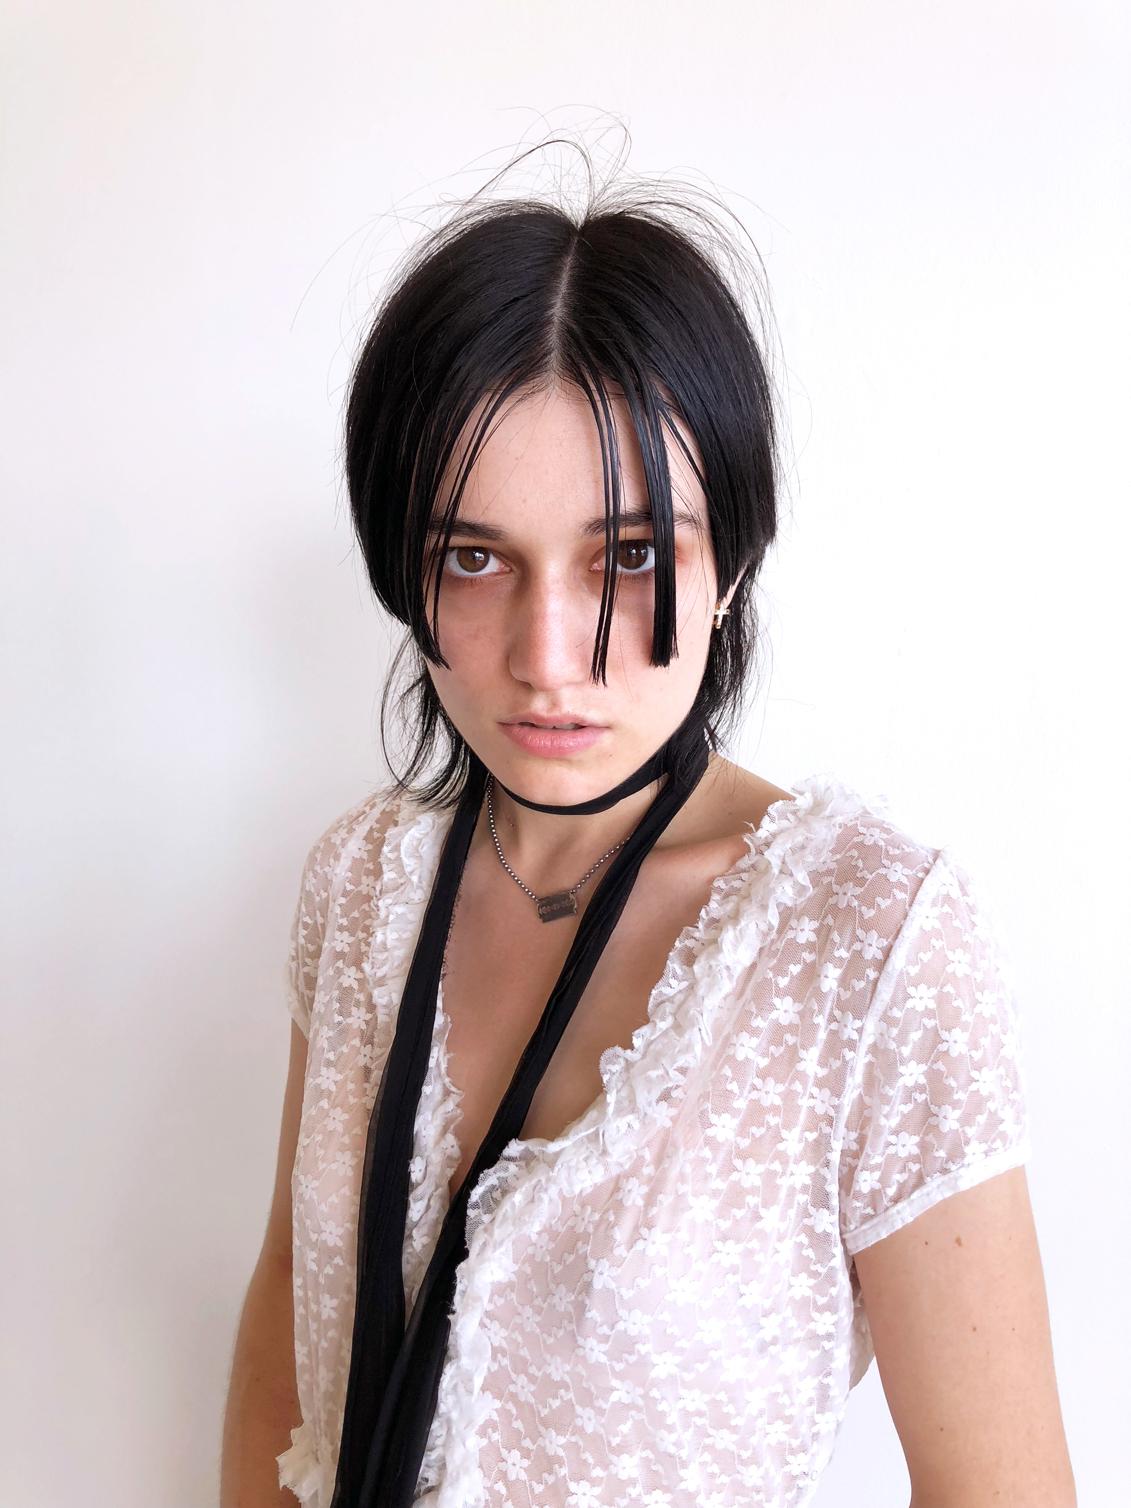 Emma_01.jpg